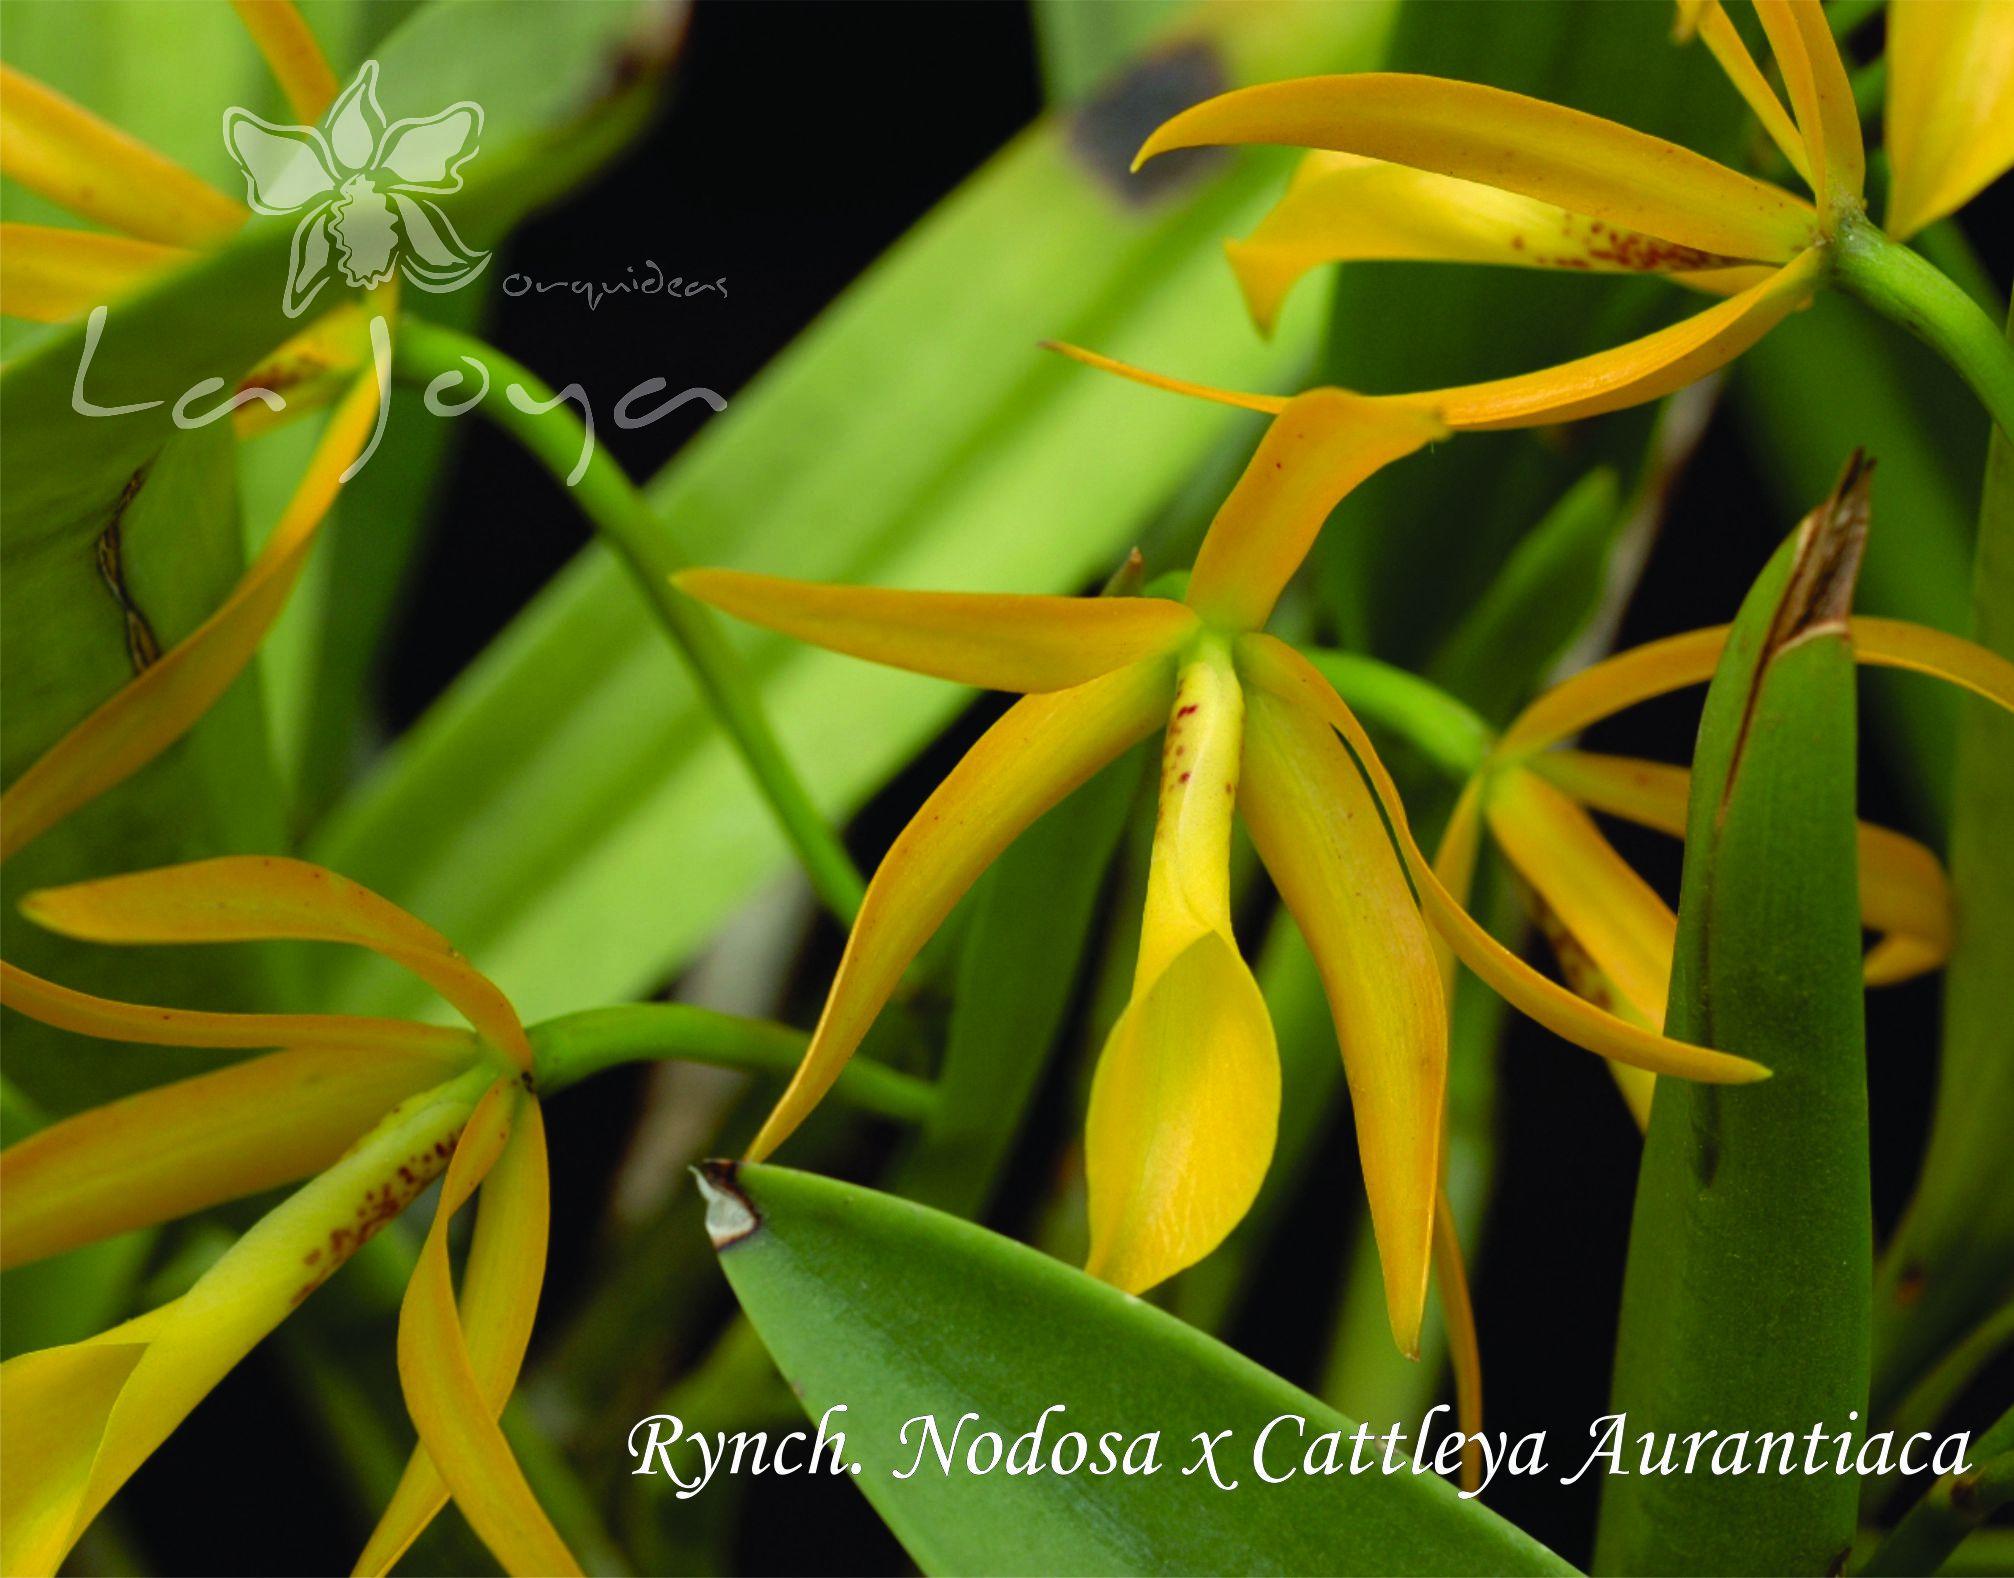 Ryncholaelia Nodosa x Cattleya Aurantiaca